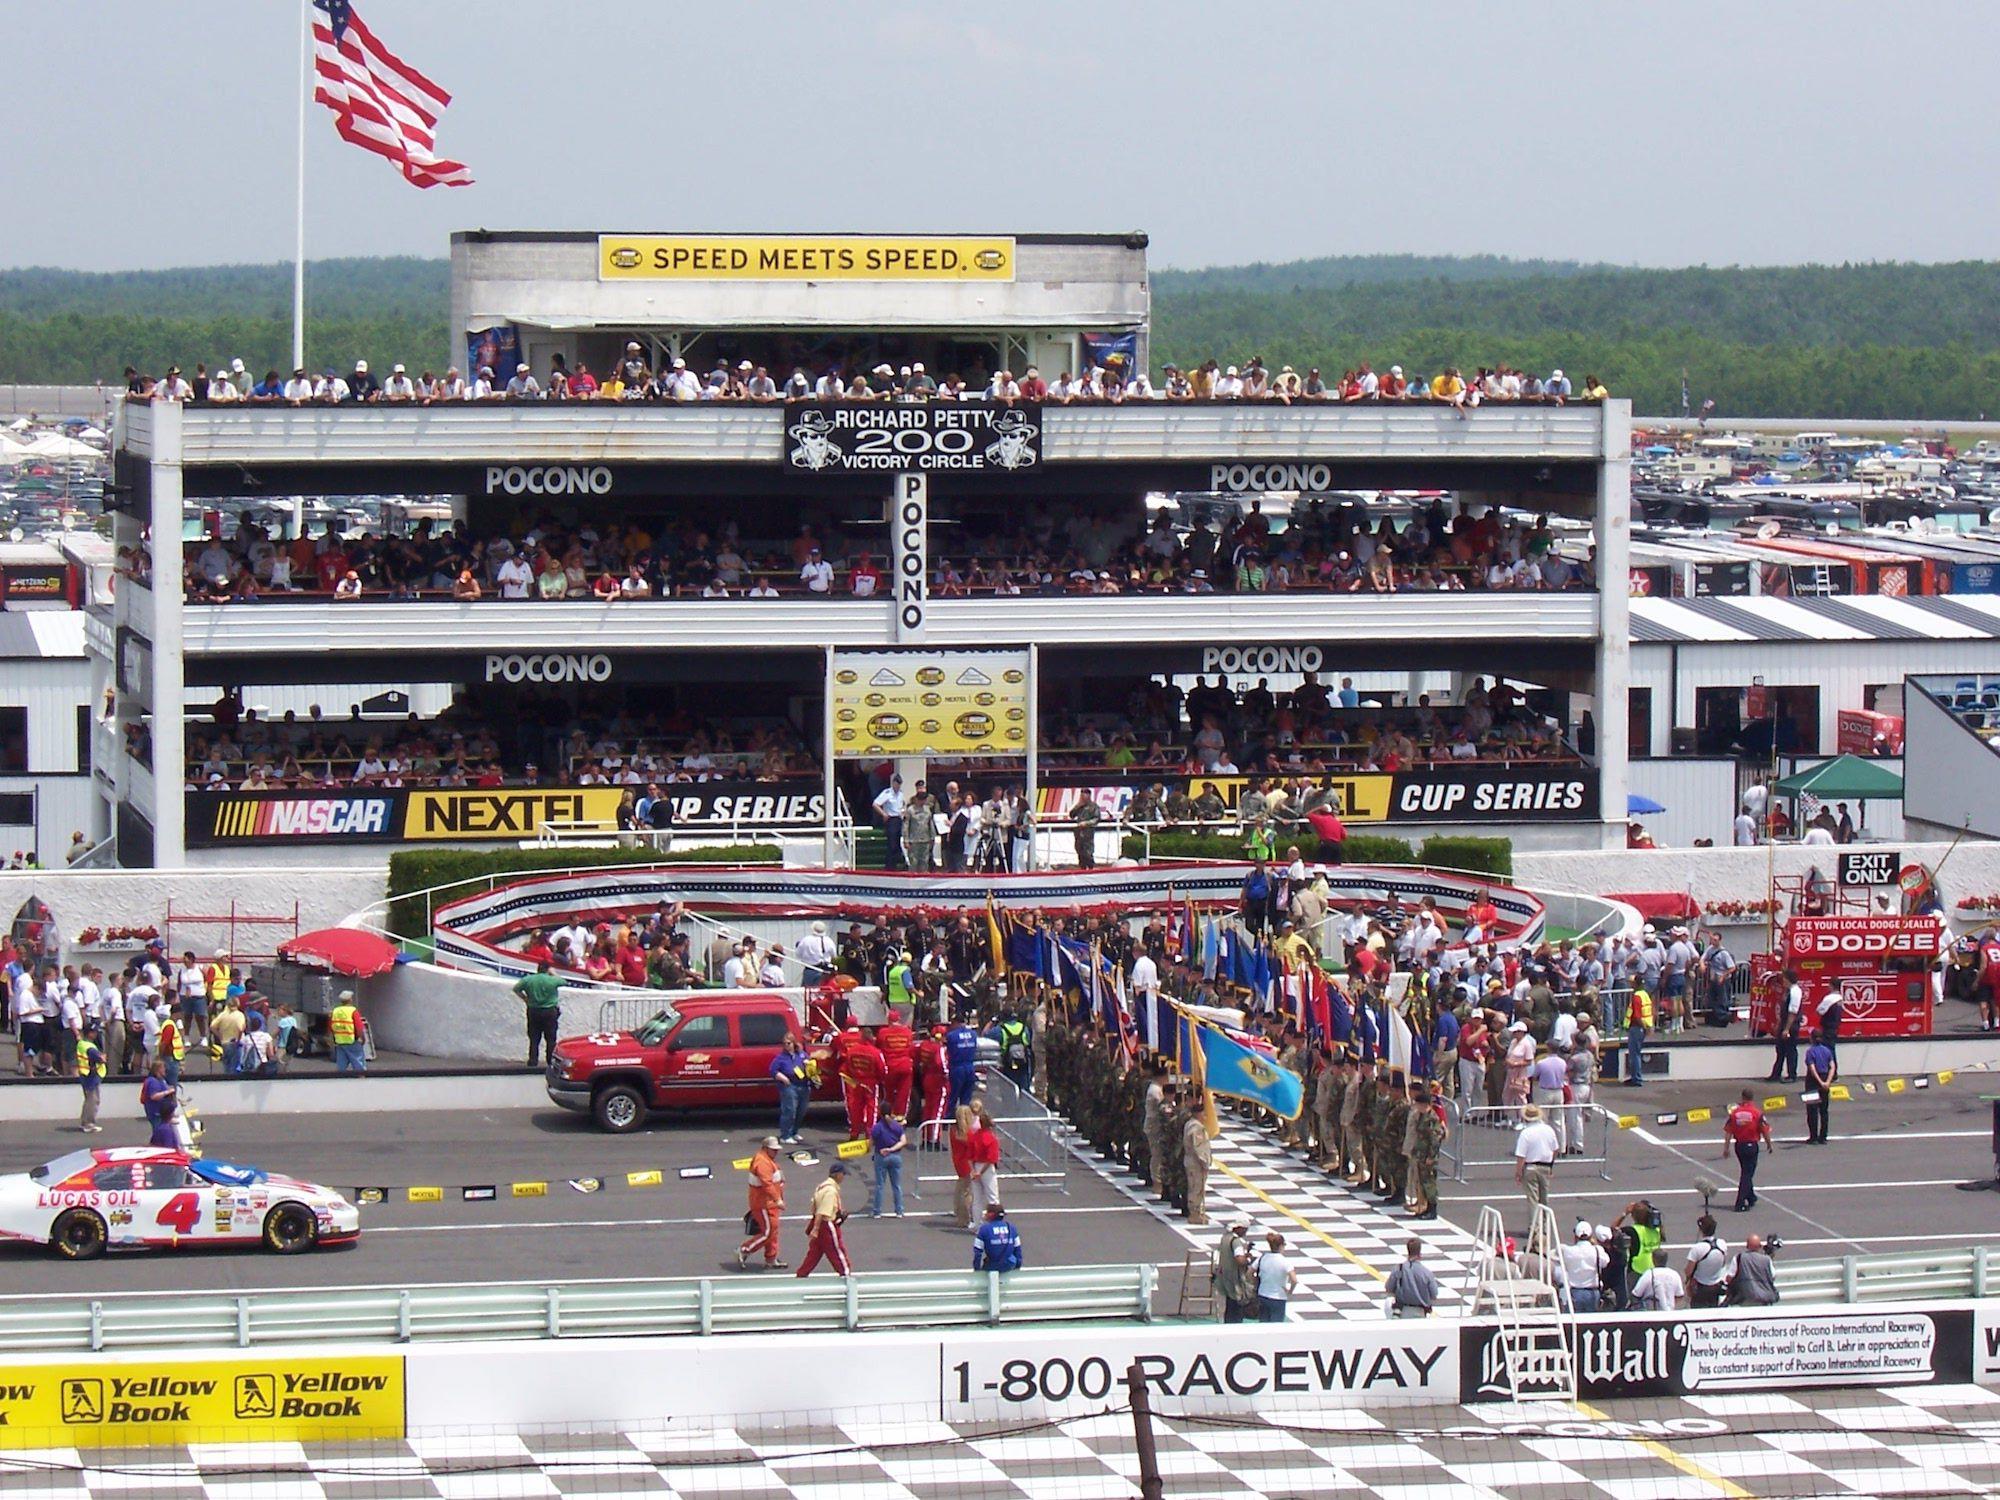 Victory Lane at Pocono during pre-race ceremonies at the 2005 Pocono 500